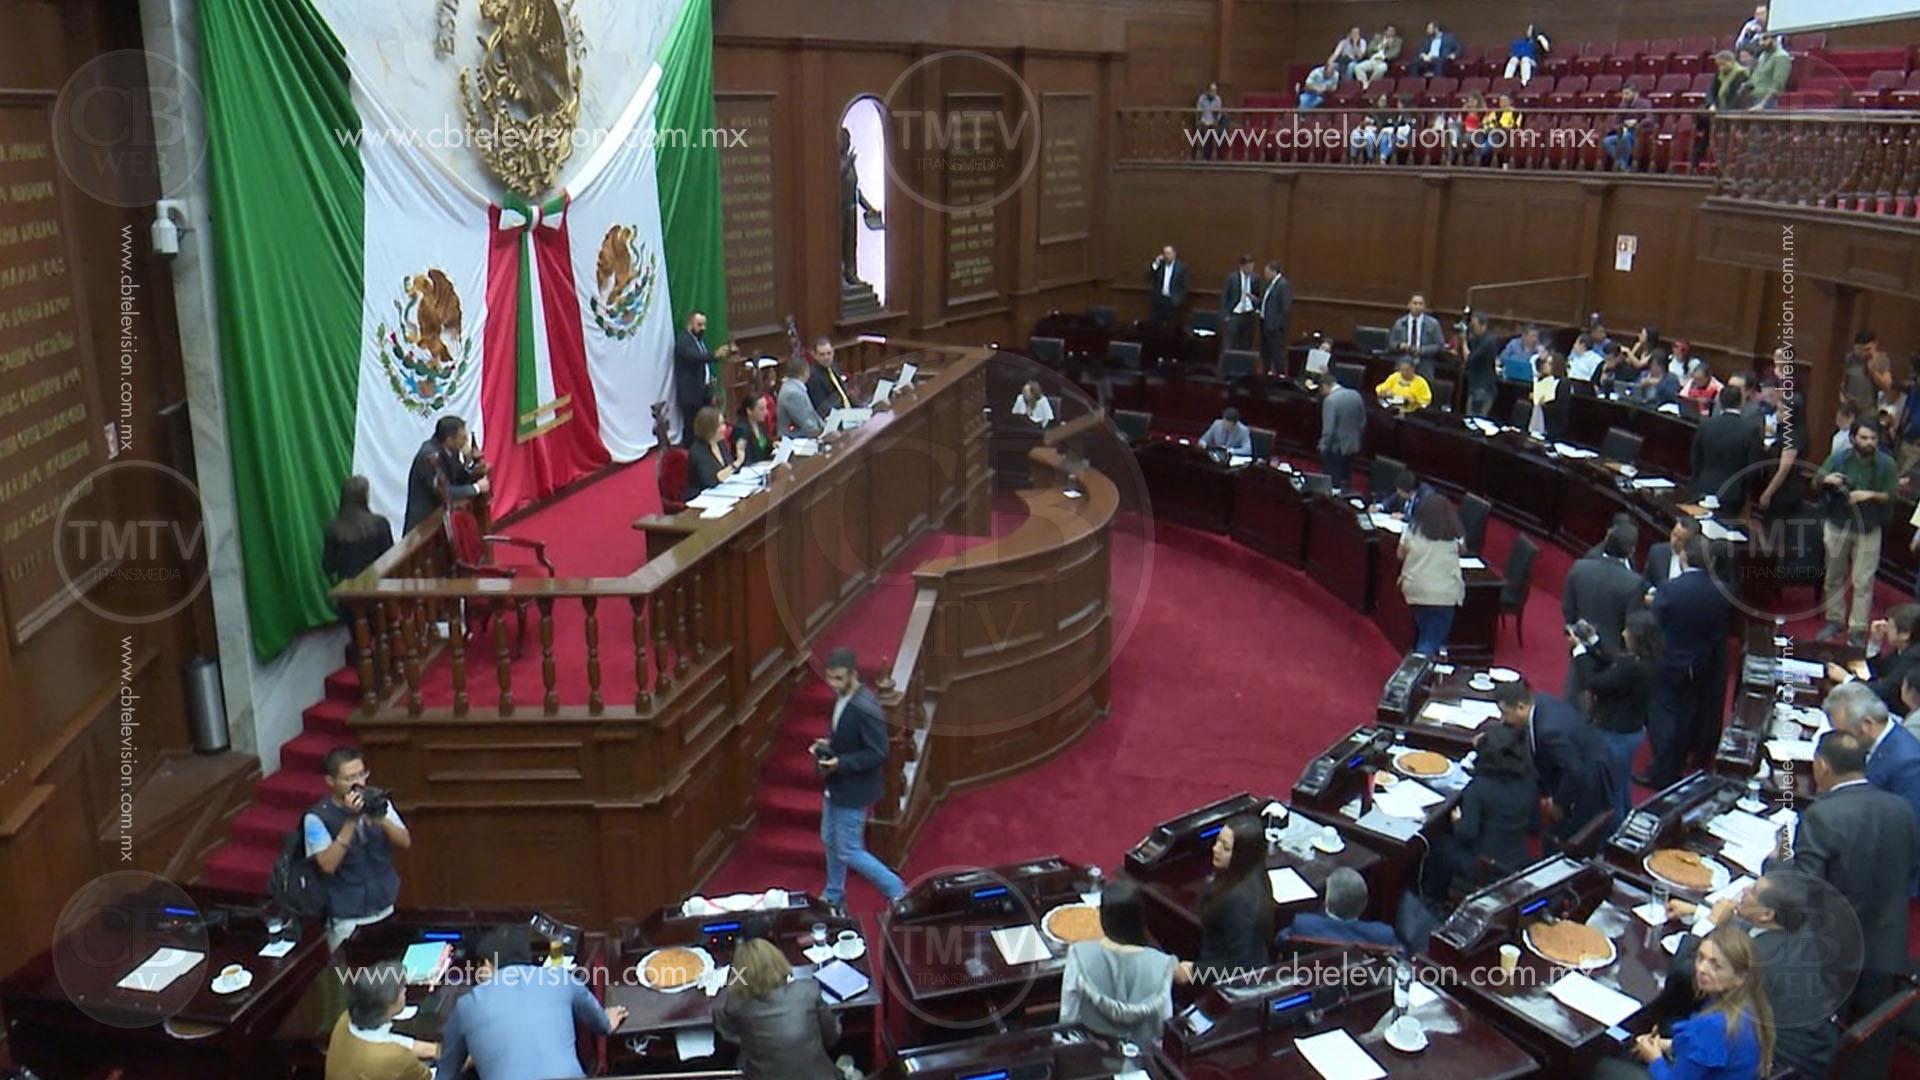 Diputados aprueban dictamen para creación del Organismo Intermunicipal en la Ciénega - CB Televisión